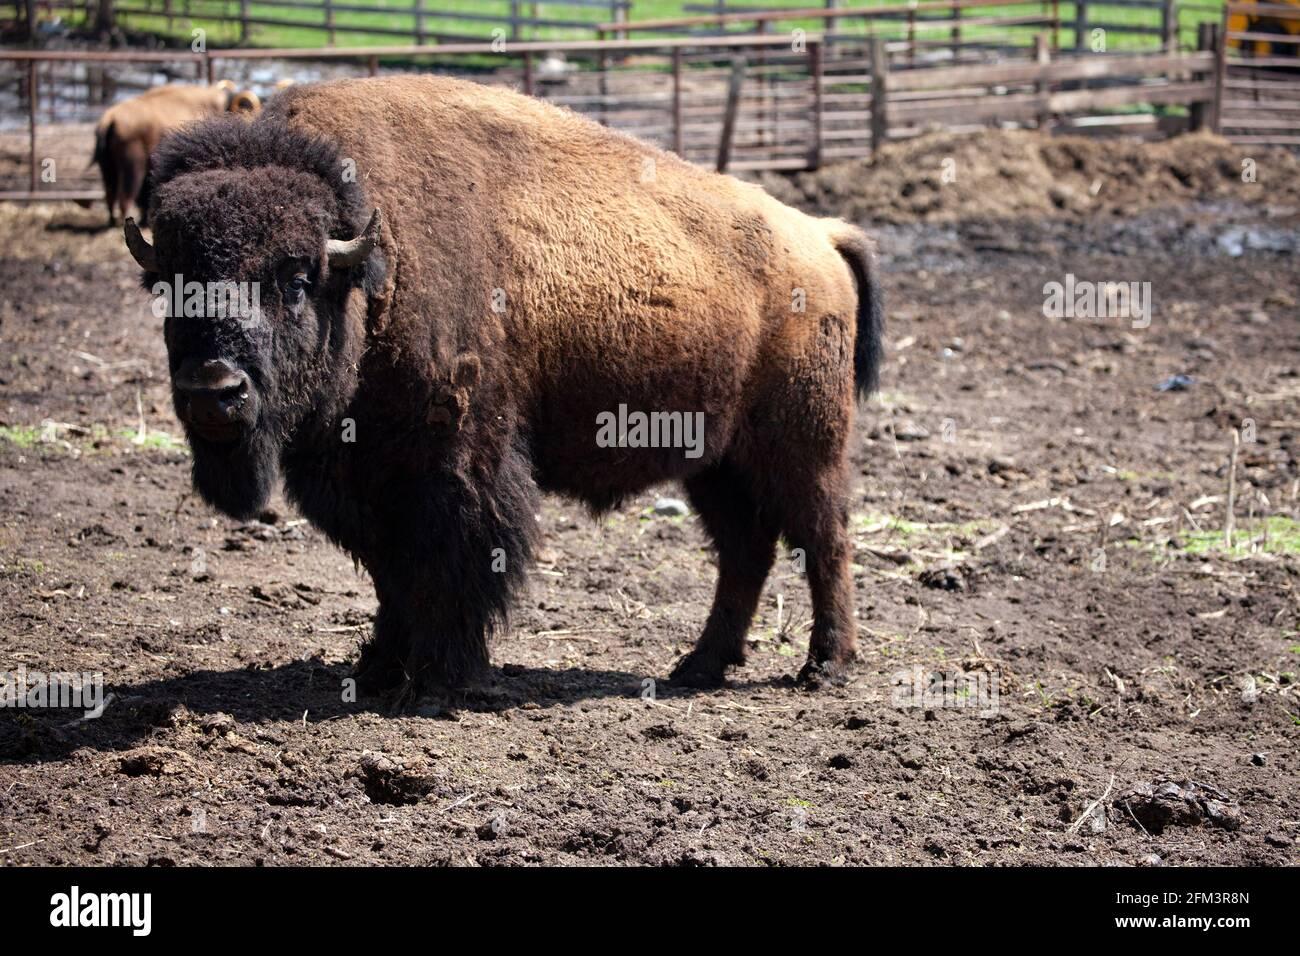 Búfalos pastando en un patio cercado, criado para uso doméstico. Pierz Minnesota MN EE.UU Foto de stock